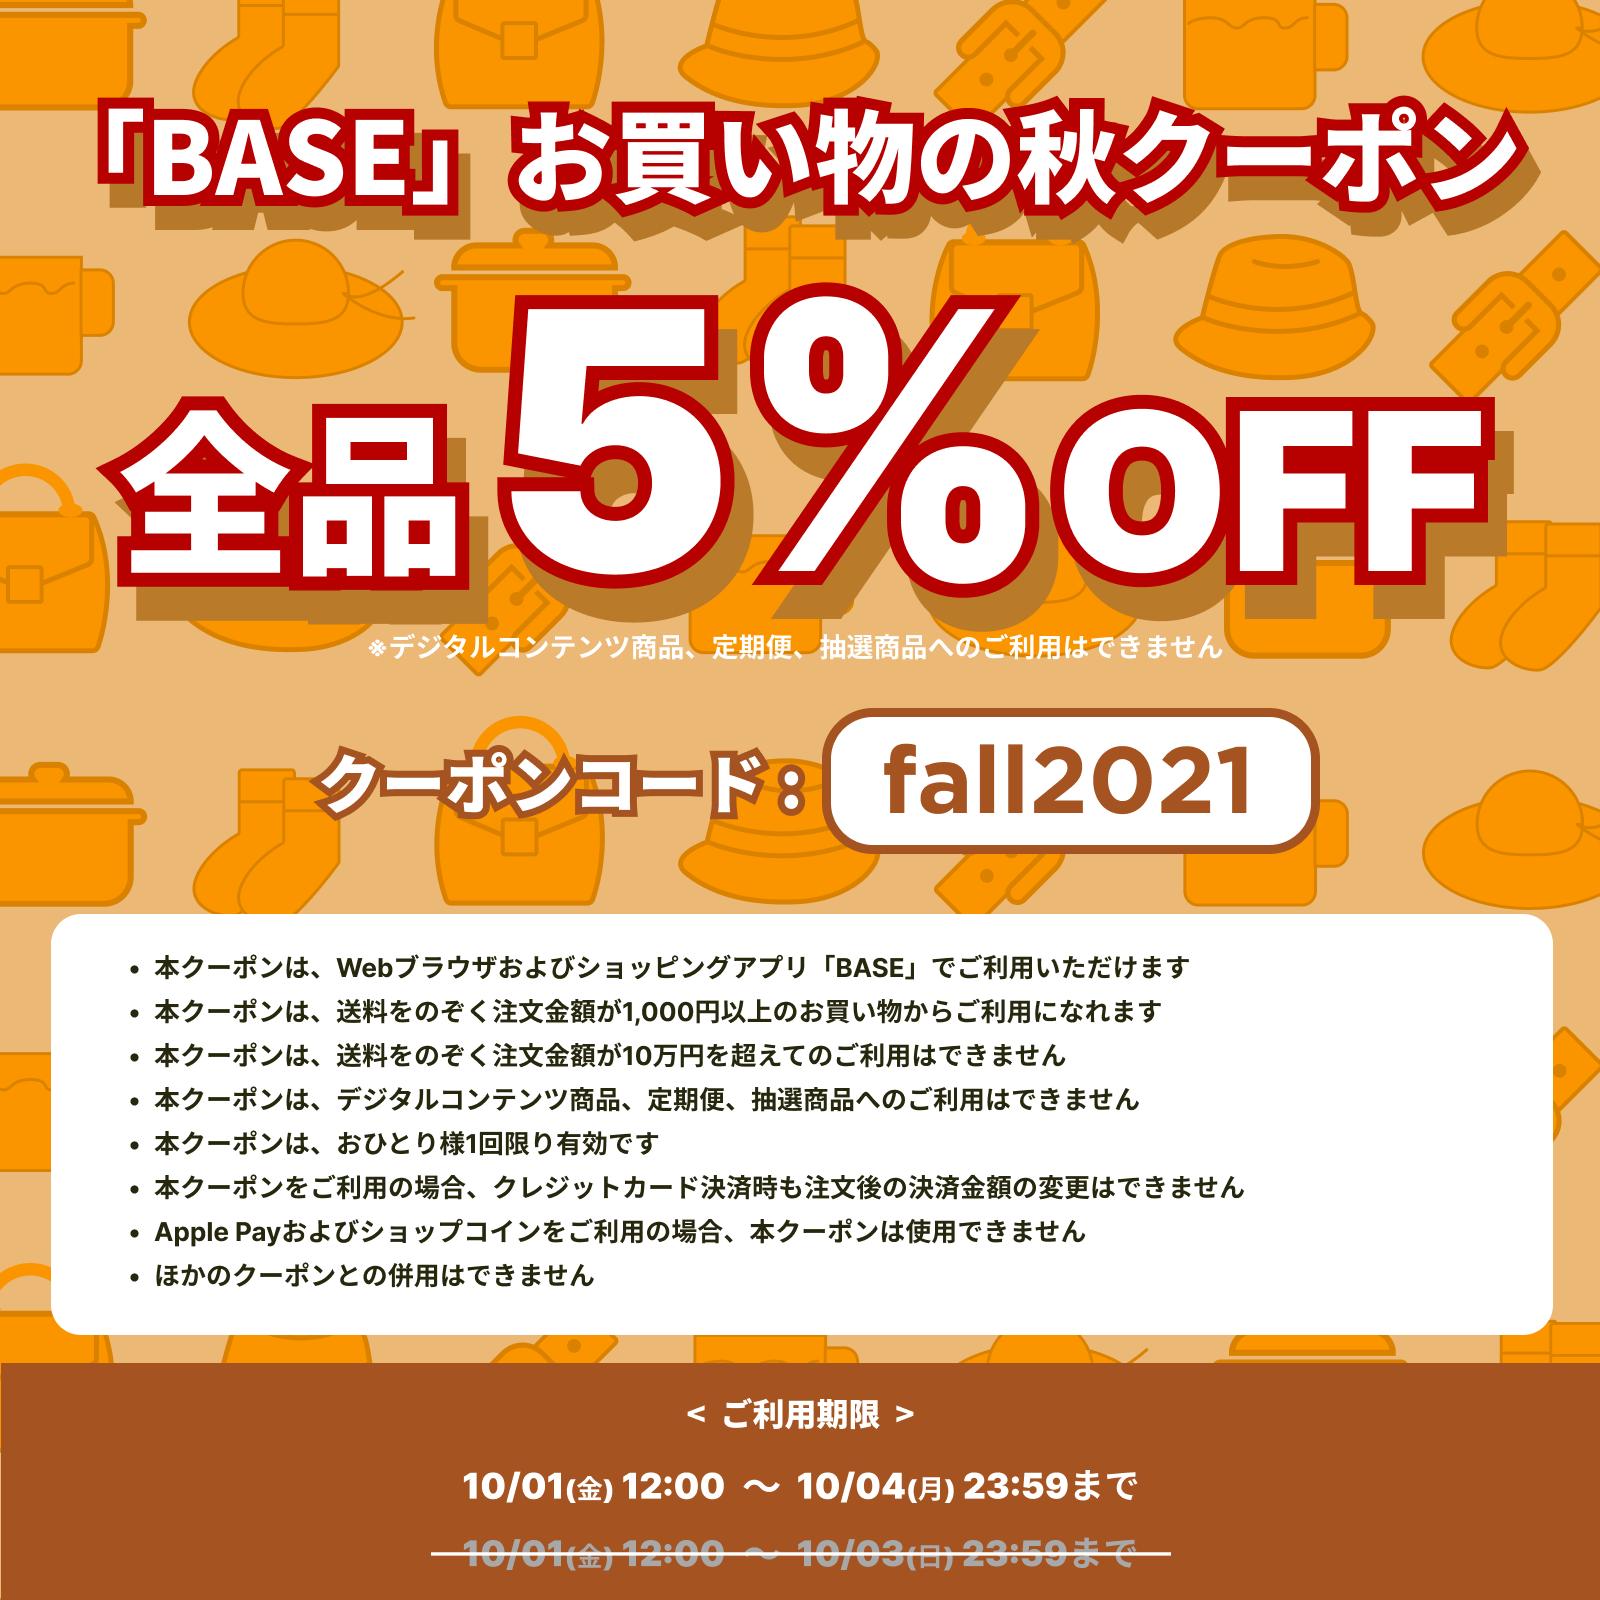 秋の週末のお買い物に!全品5%OFFクーポン配布中!【10/1(金)-10/4(月)】